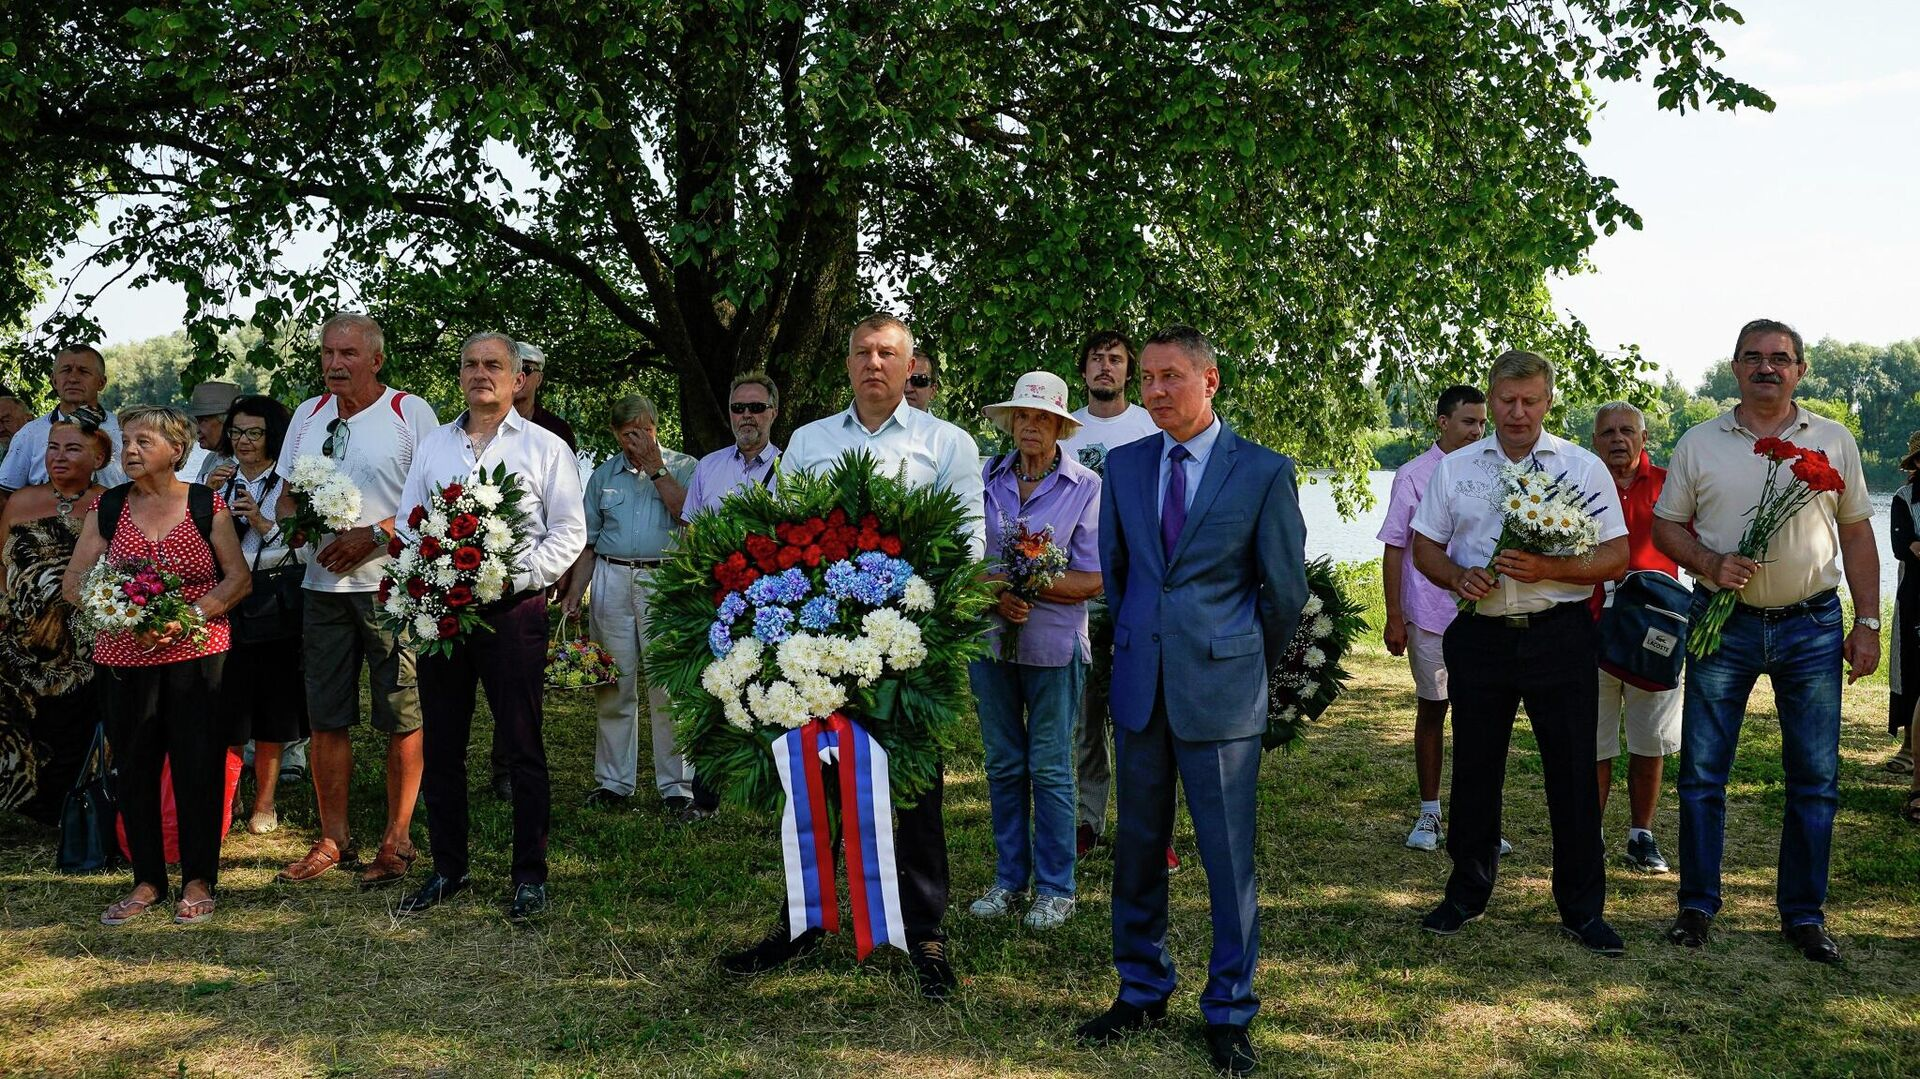 У памятника русским воинам на Луцавсале в Риге вспомнили события 1701 года - Sputnik Латвия, 1920, 10.07.2021